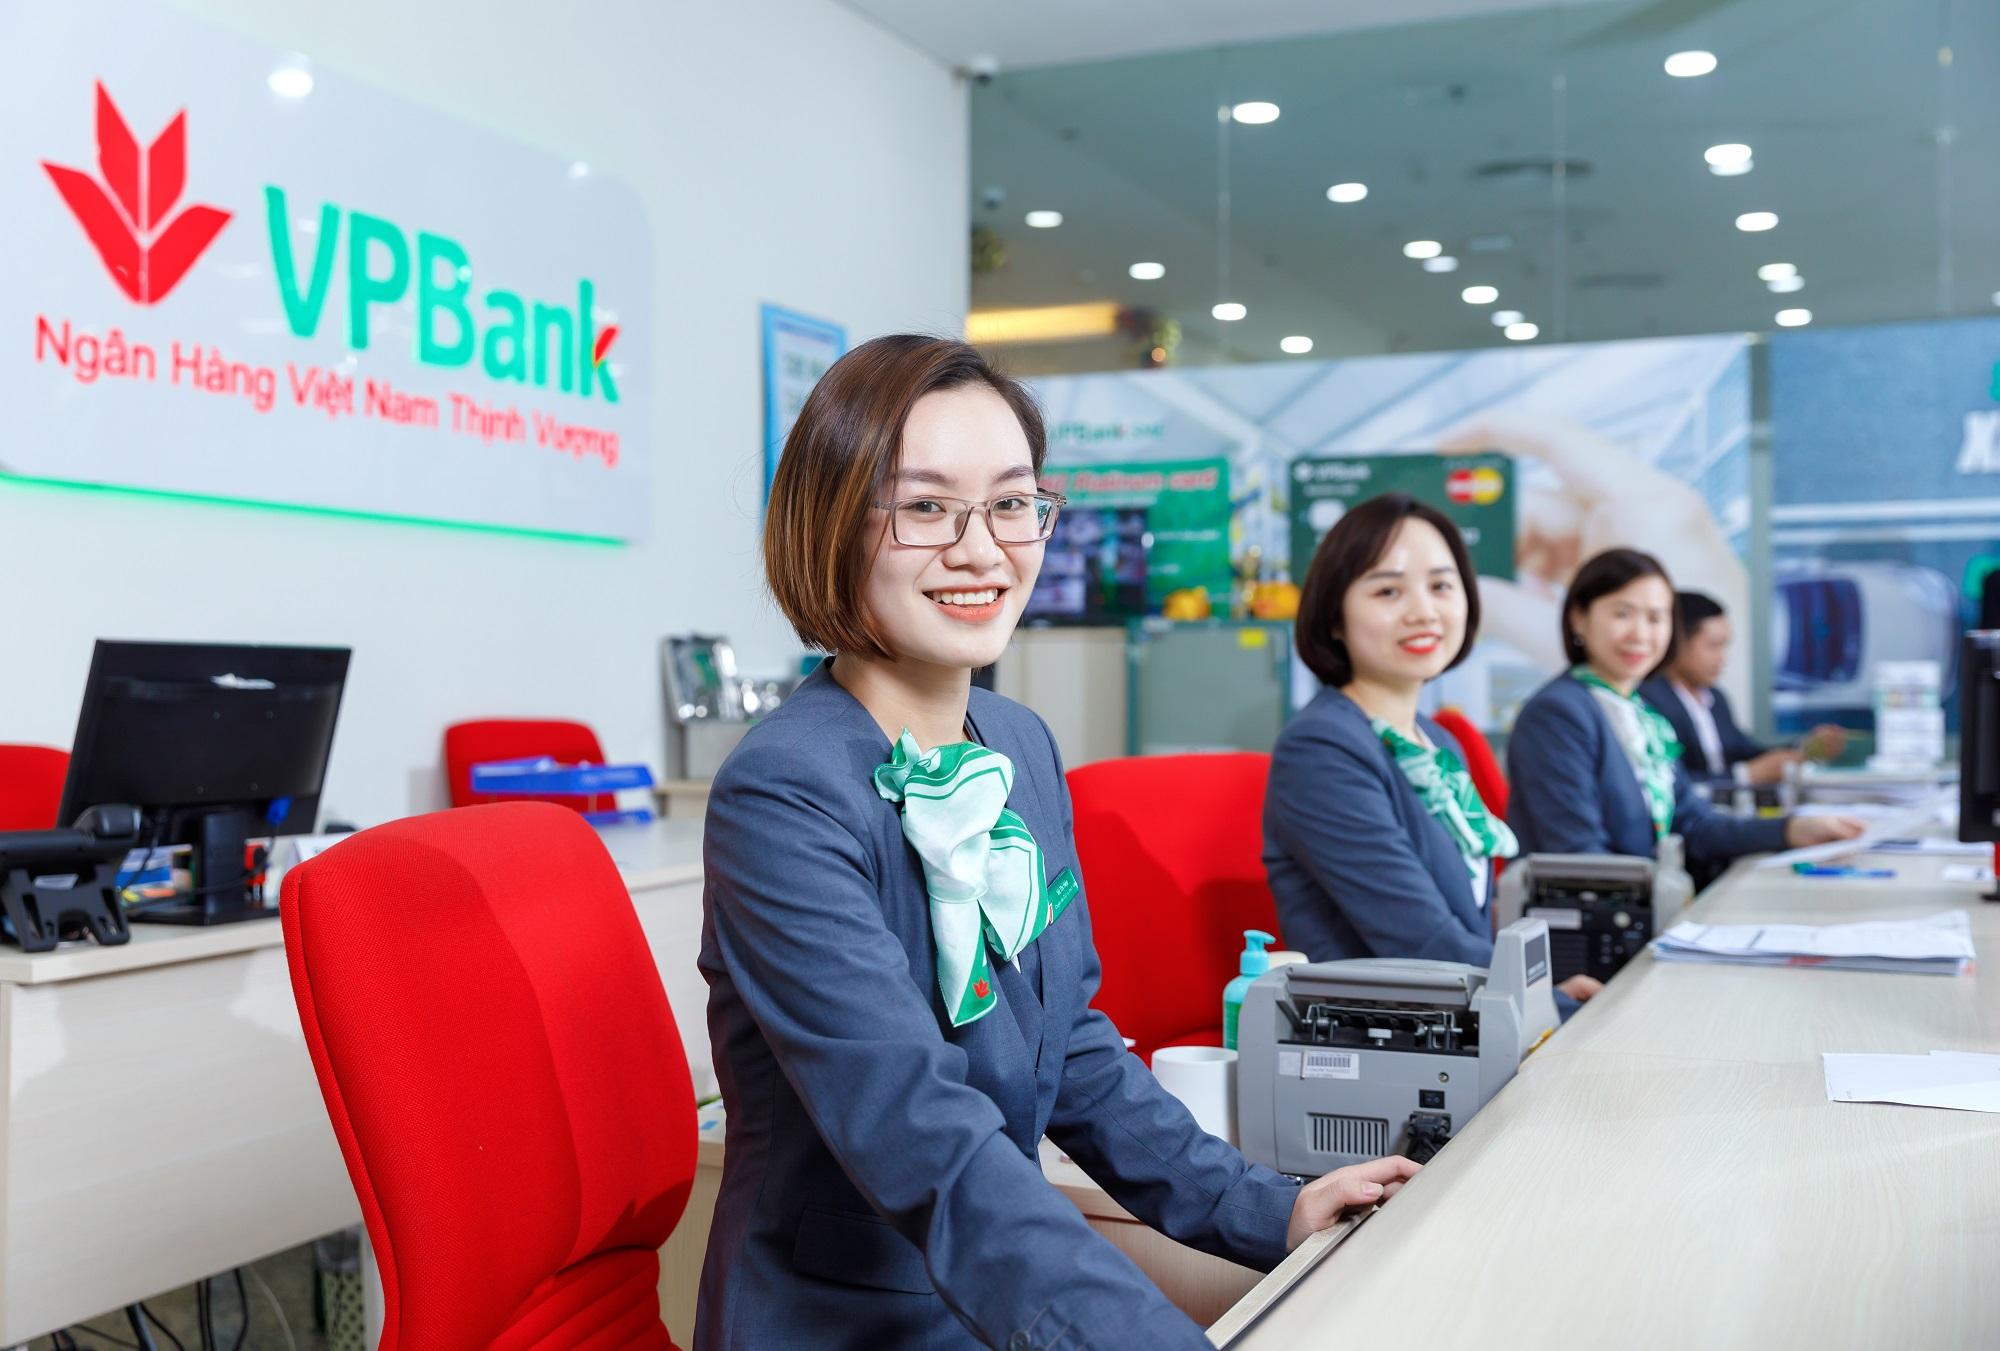 Cập nhật lãi suất tháng 10/2021 của ngân hàng VPBank - Ảnh 1.